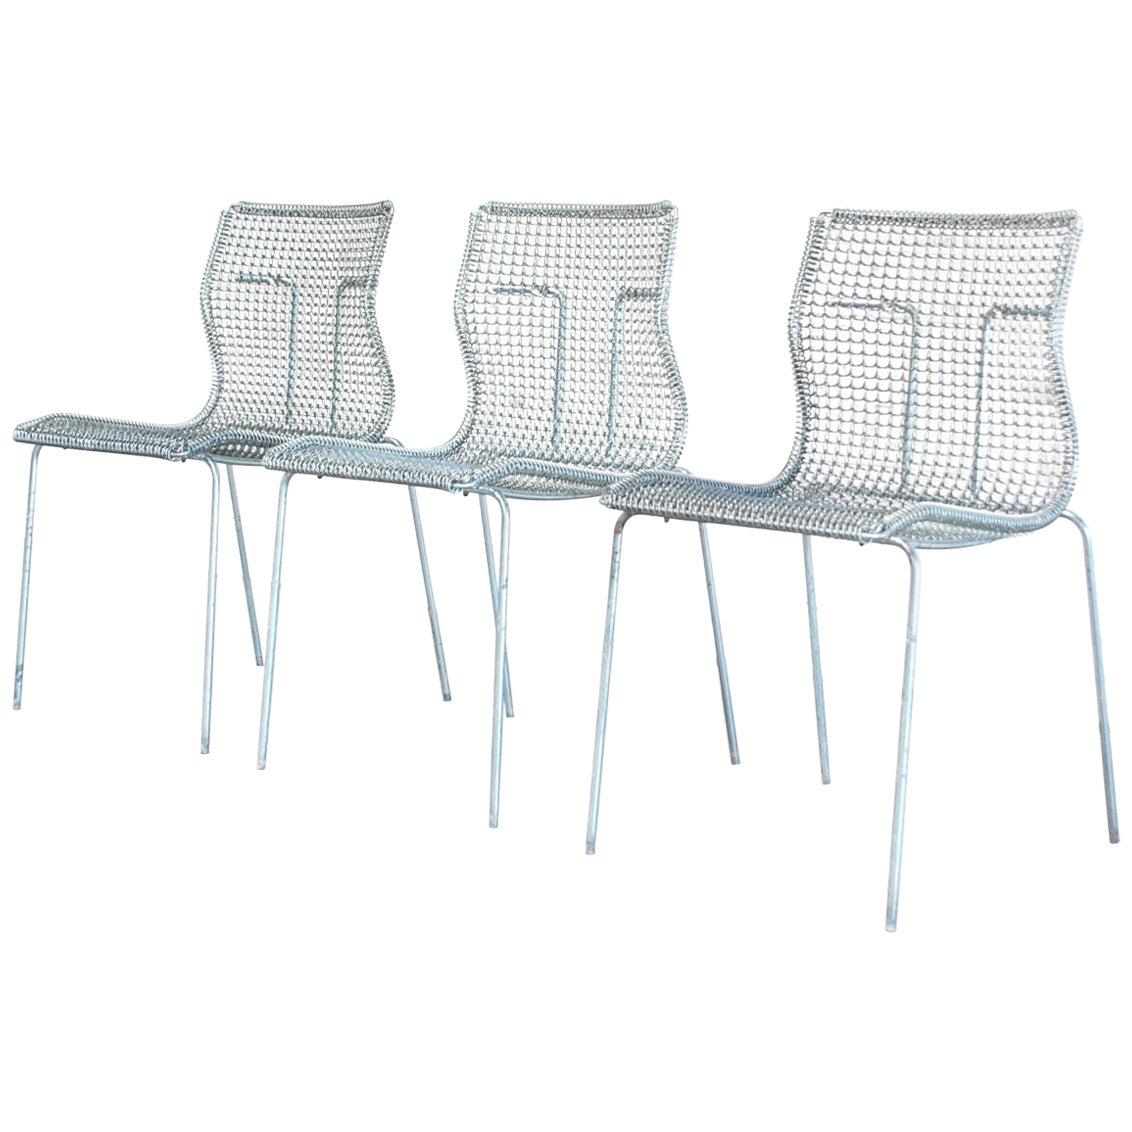 Niall O`Flynn for Spectrum Model Rascal Chair, 1997